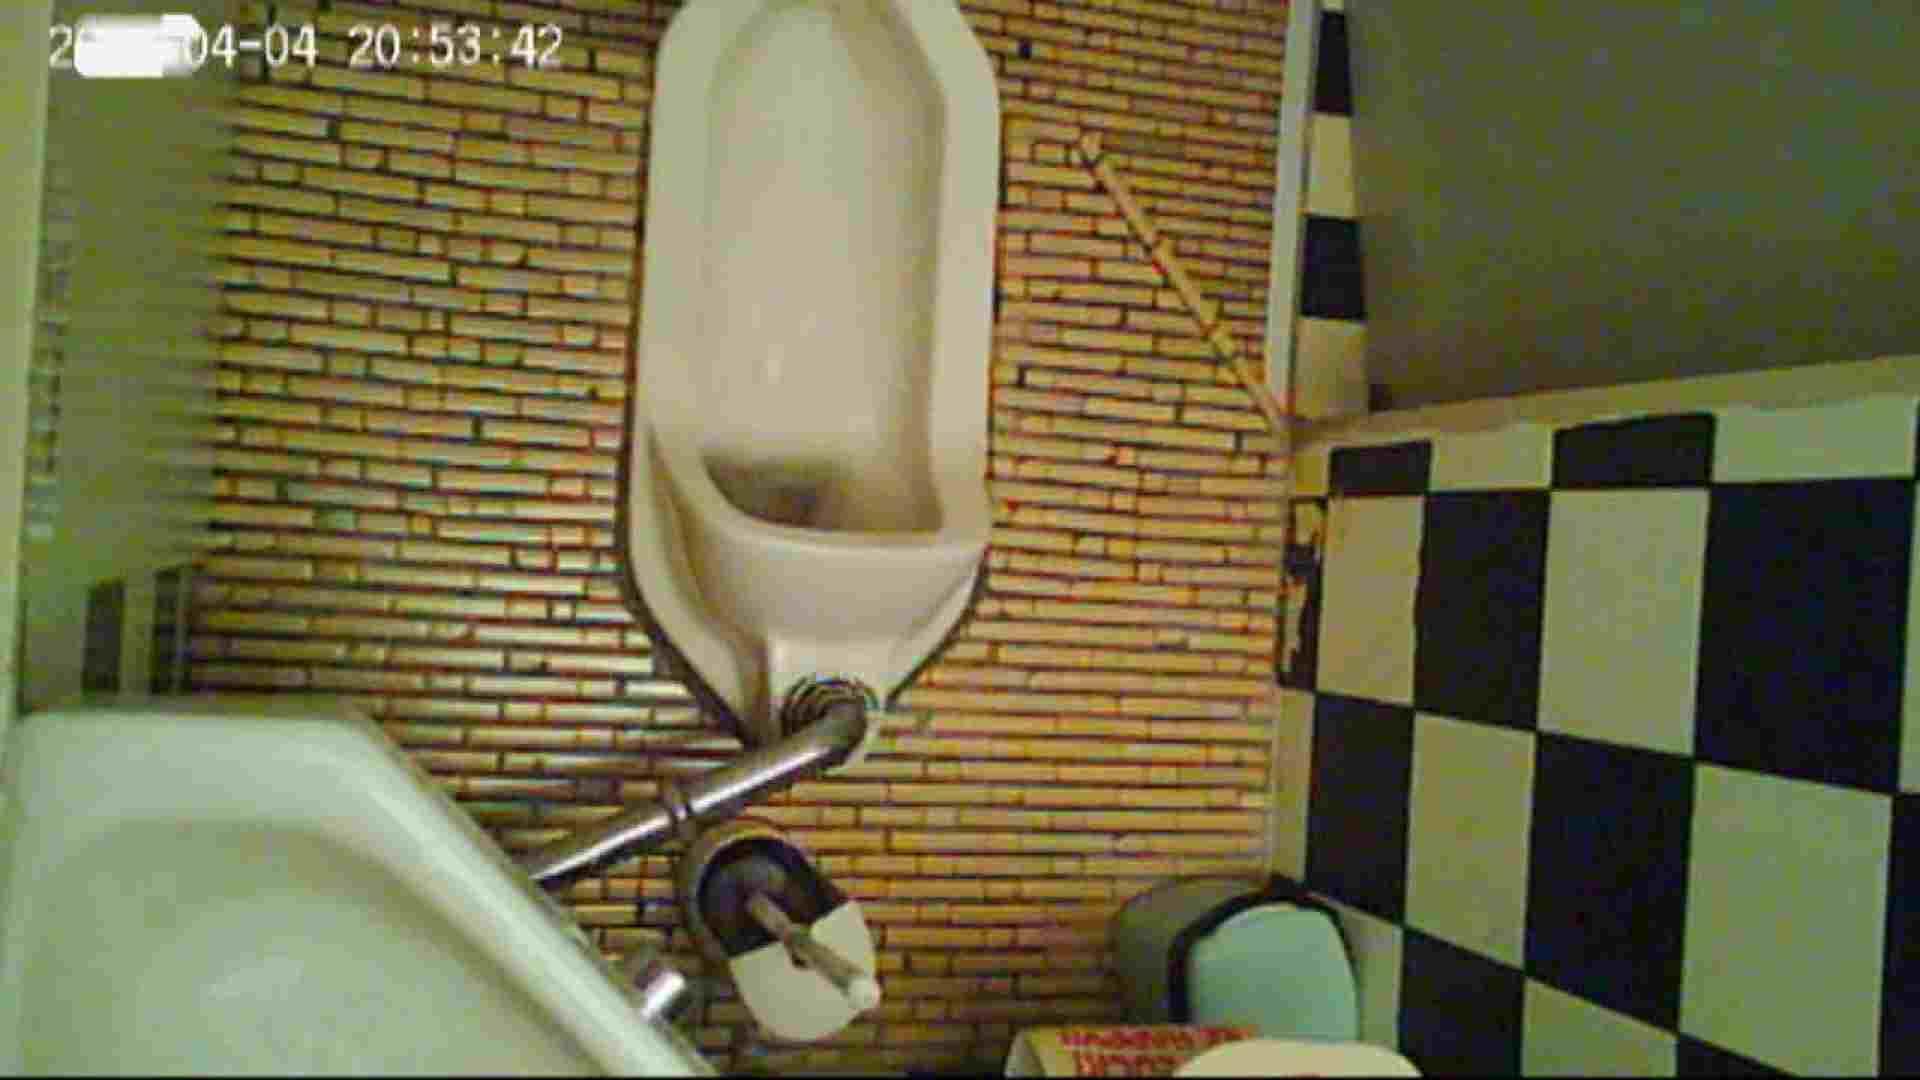 和式トイレの喫茶店店主マロンさんのコレクションvol.6 OLエロ画像 盗撮戯れ無修正画像 52PICs 42